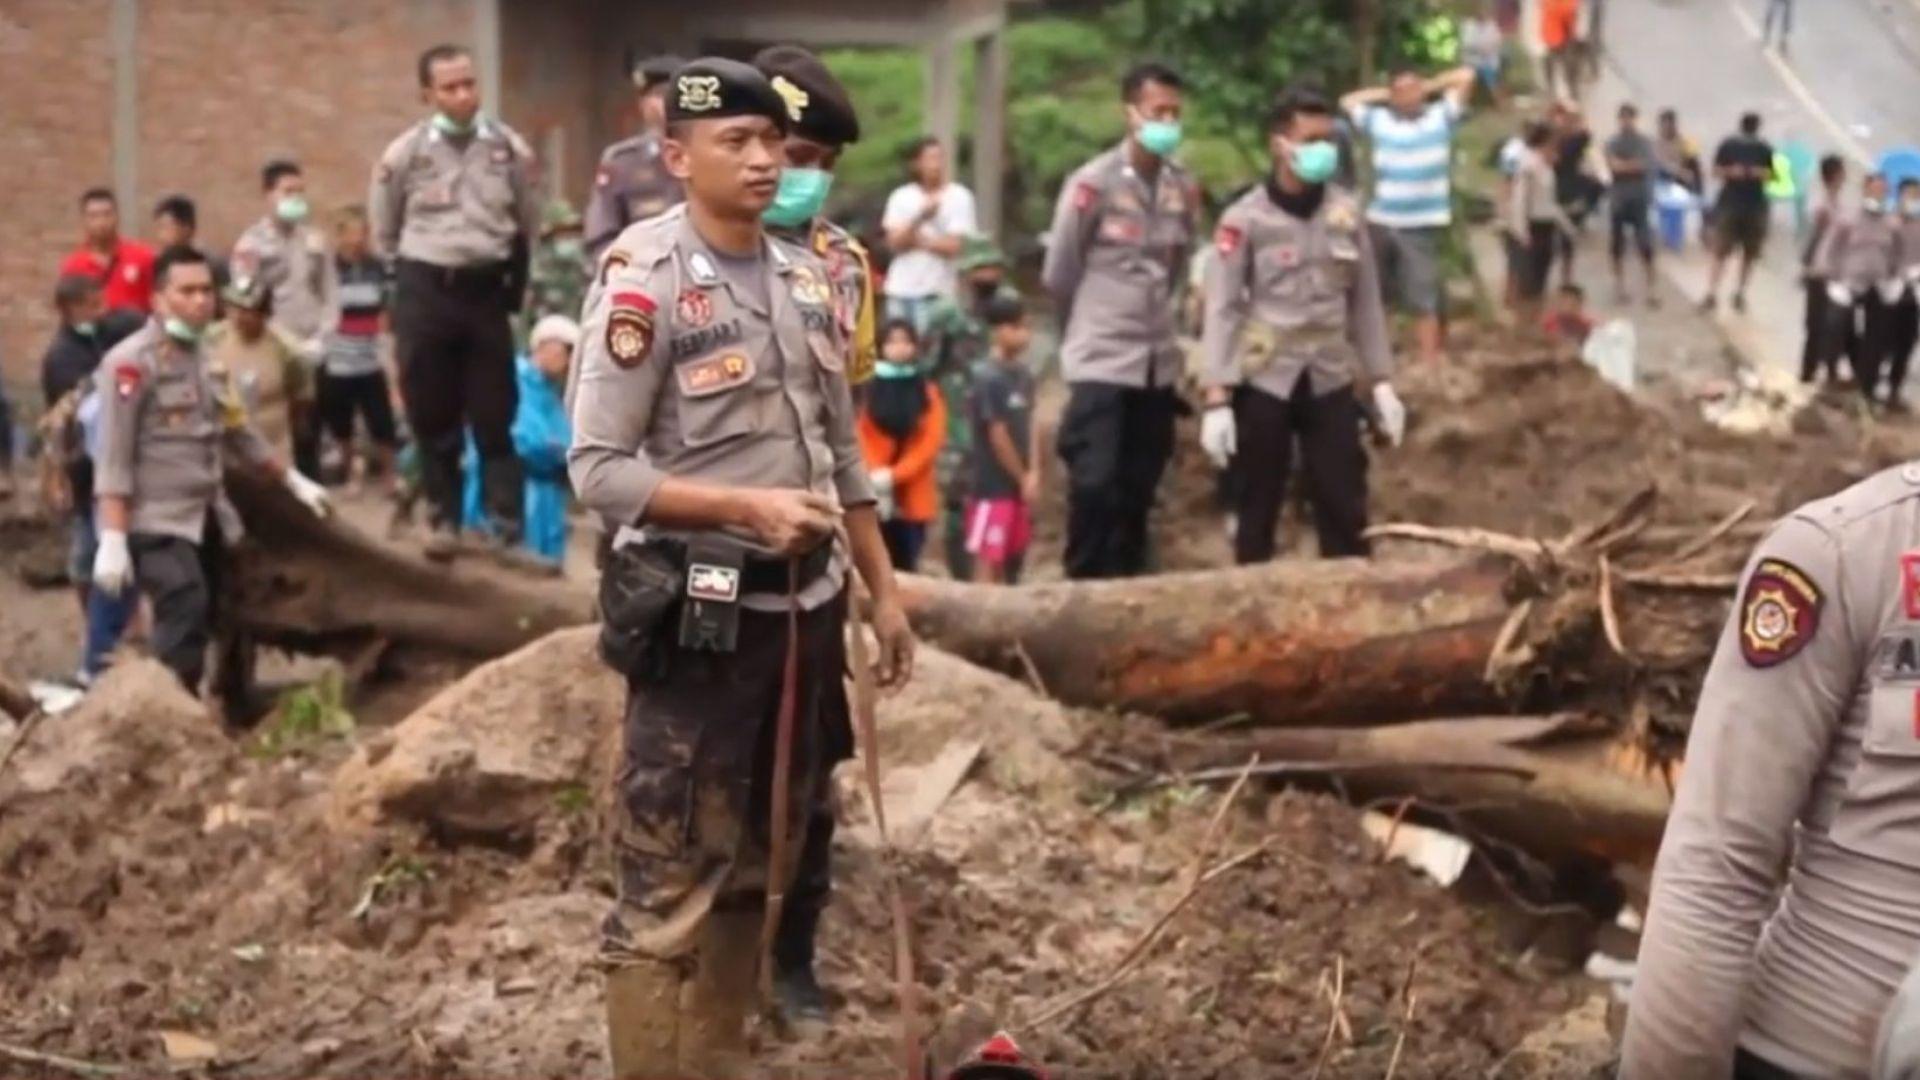 Златна мина погреба десетки в Индонезия